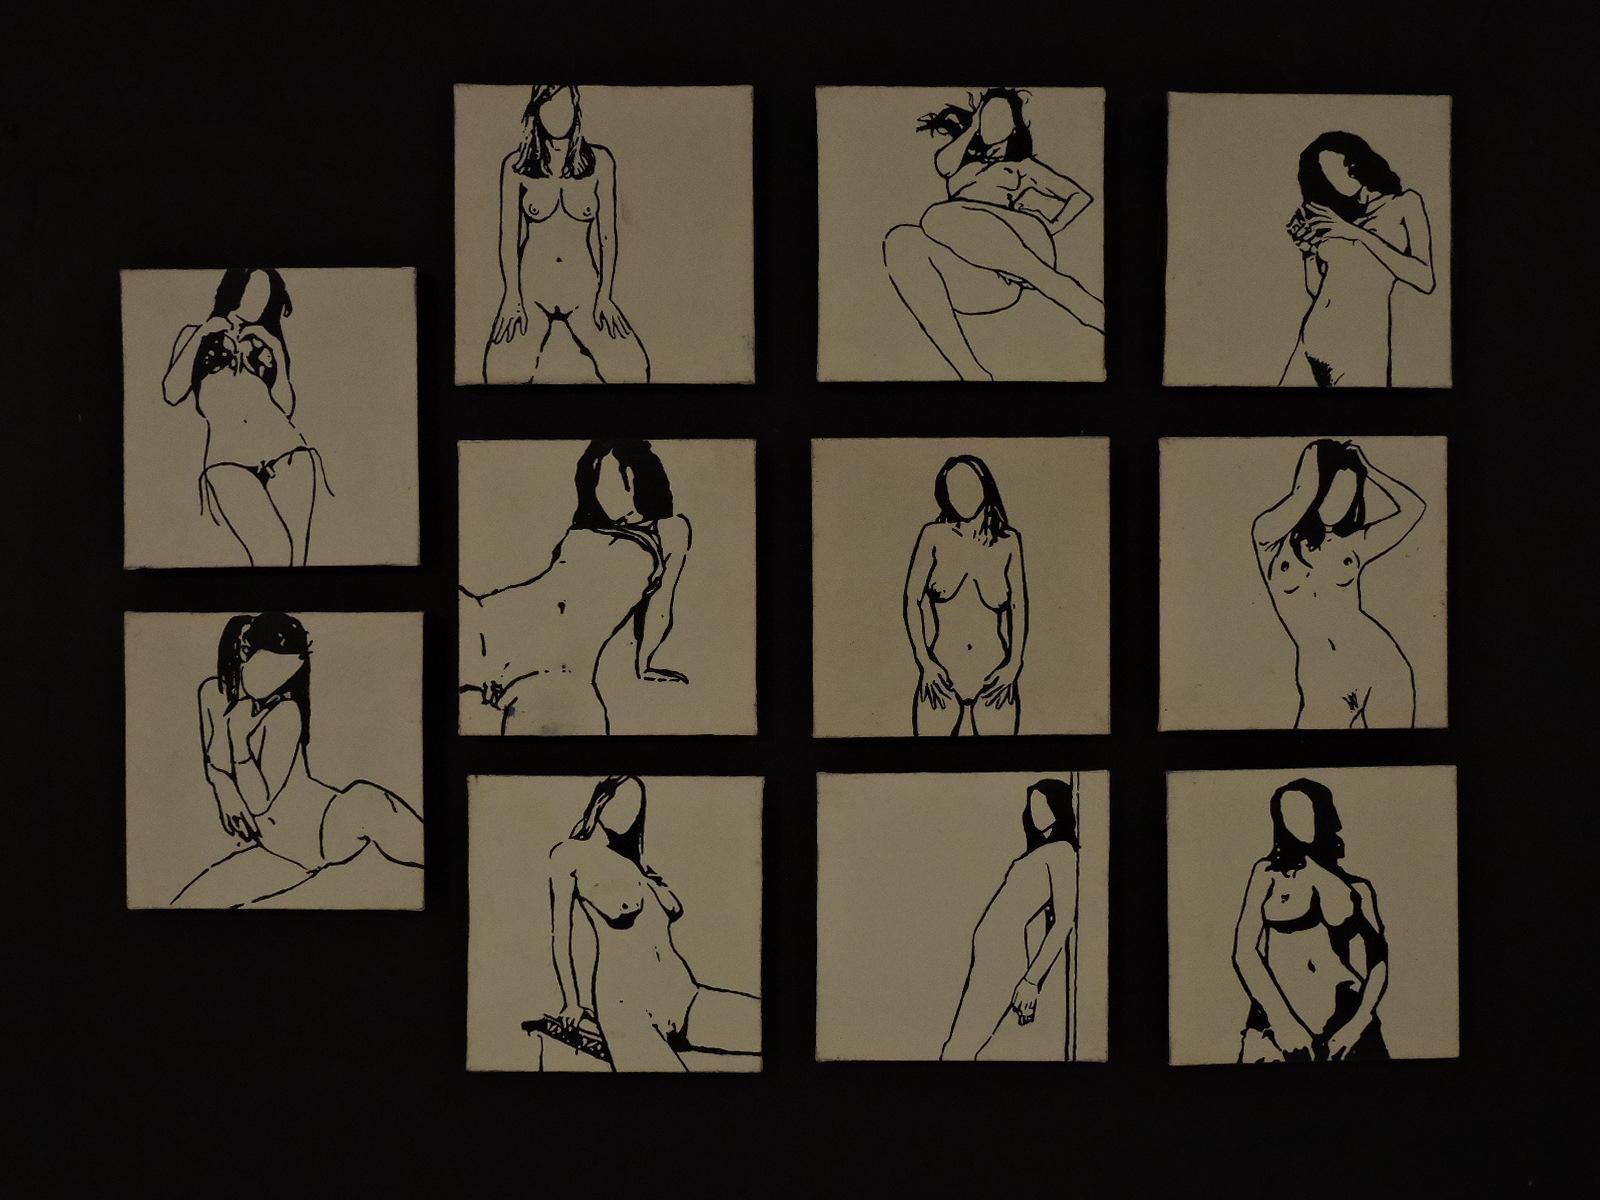 João_Cirilo_-_Sobre_aquilo_que_não_se_apresenta_normalmente_na_cena_da_vida_cotidiana,_2006._Acrílic